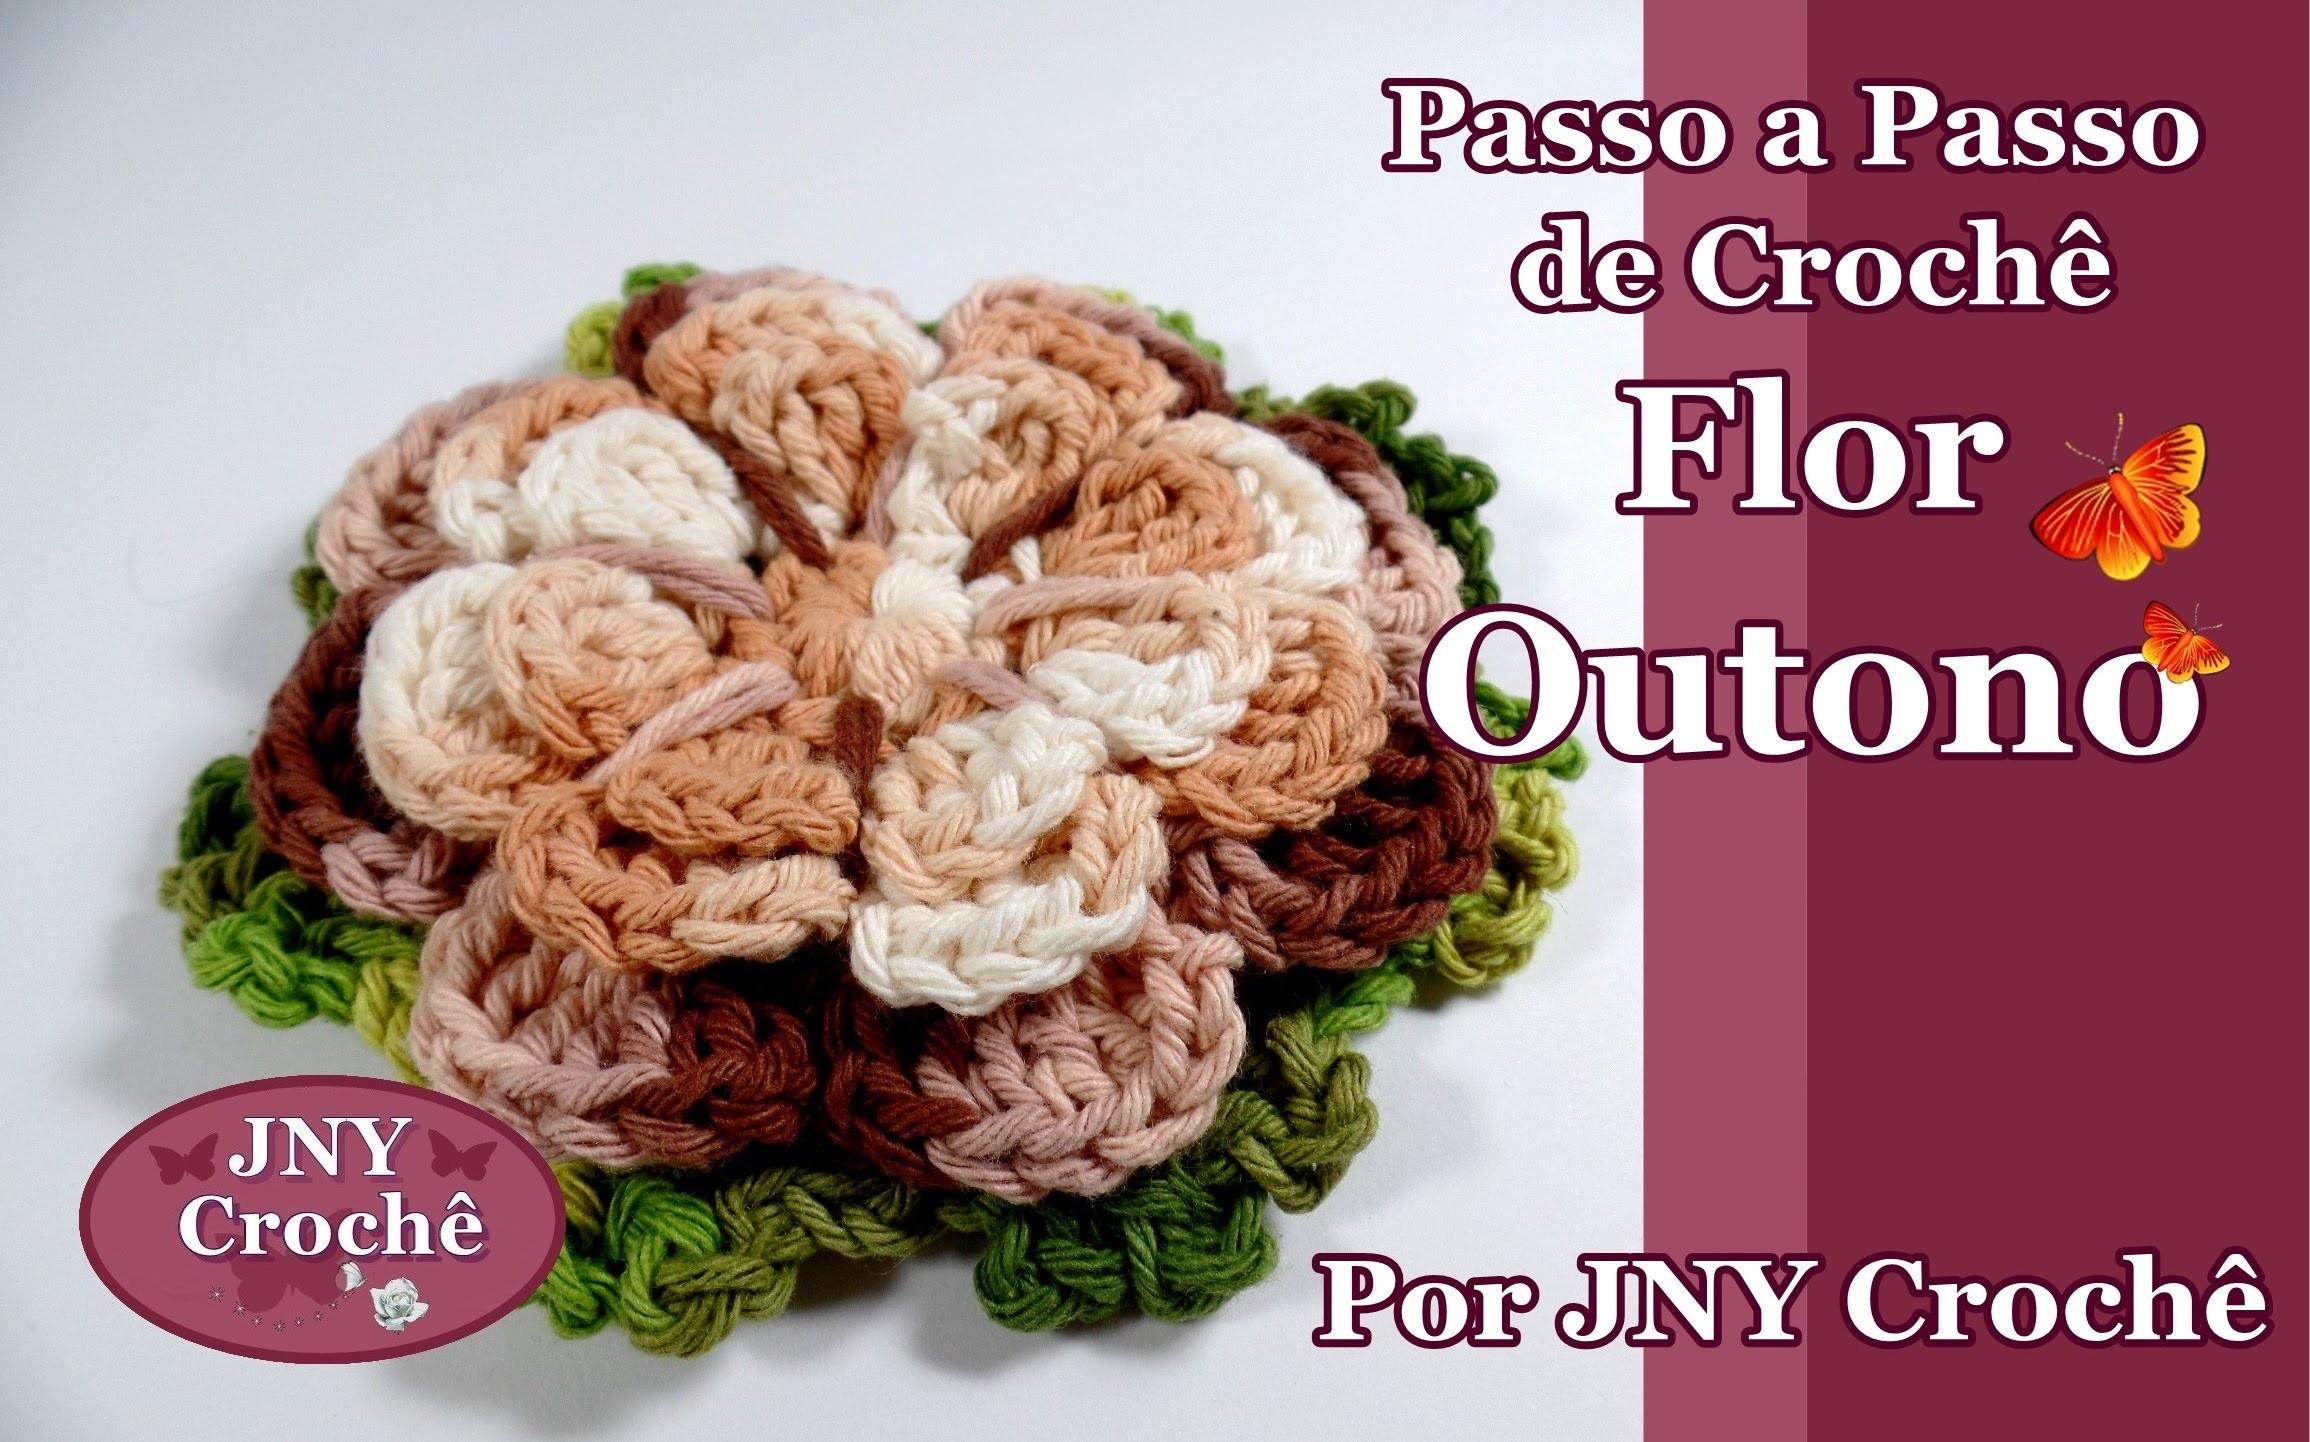 Passo a Passo de Crochê Flor Outono por JNY Crochê